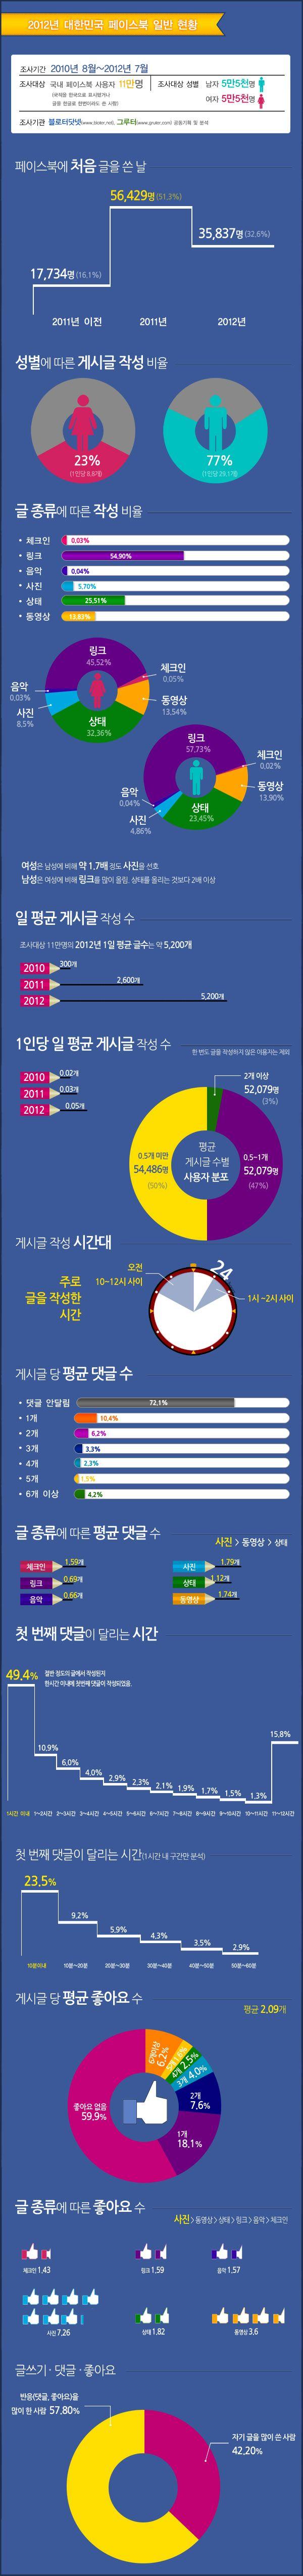 [인포그래픽] 페이스북, 한국선 어떻게 쓰나 | Bloter.net